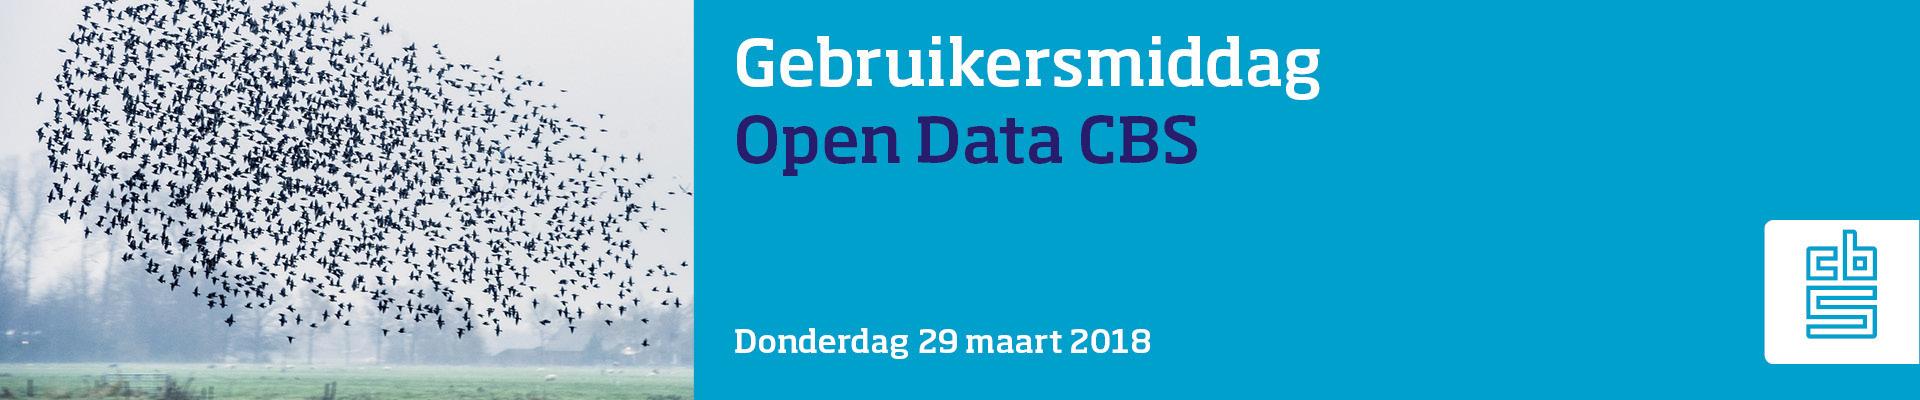 Gebruikersmiddag Open Data CBS